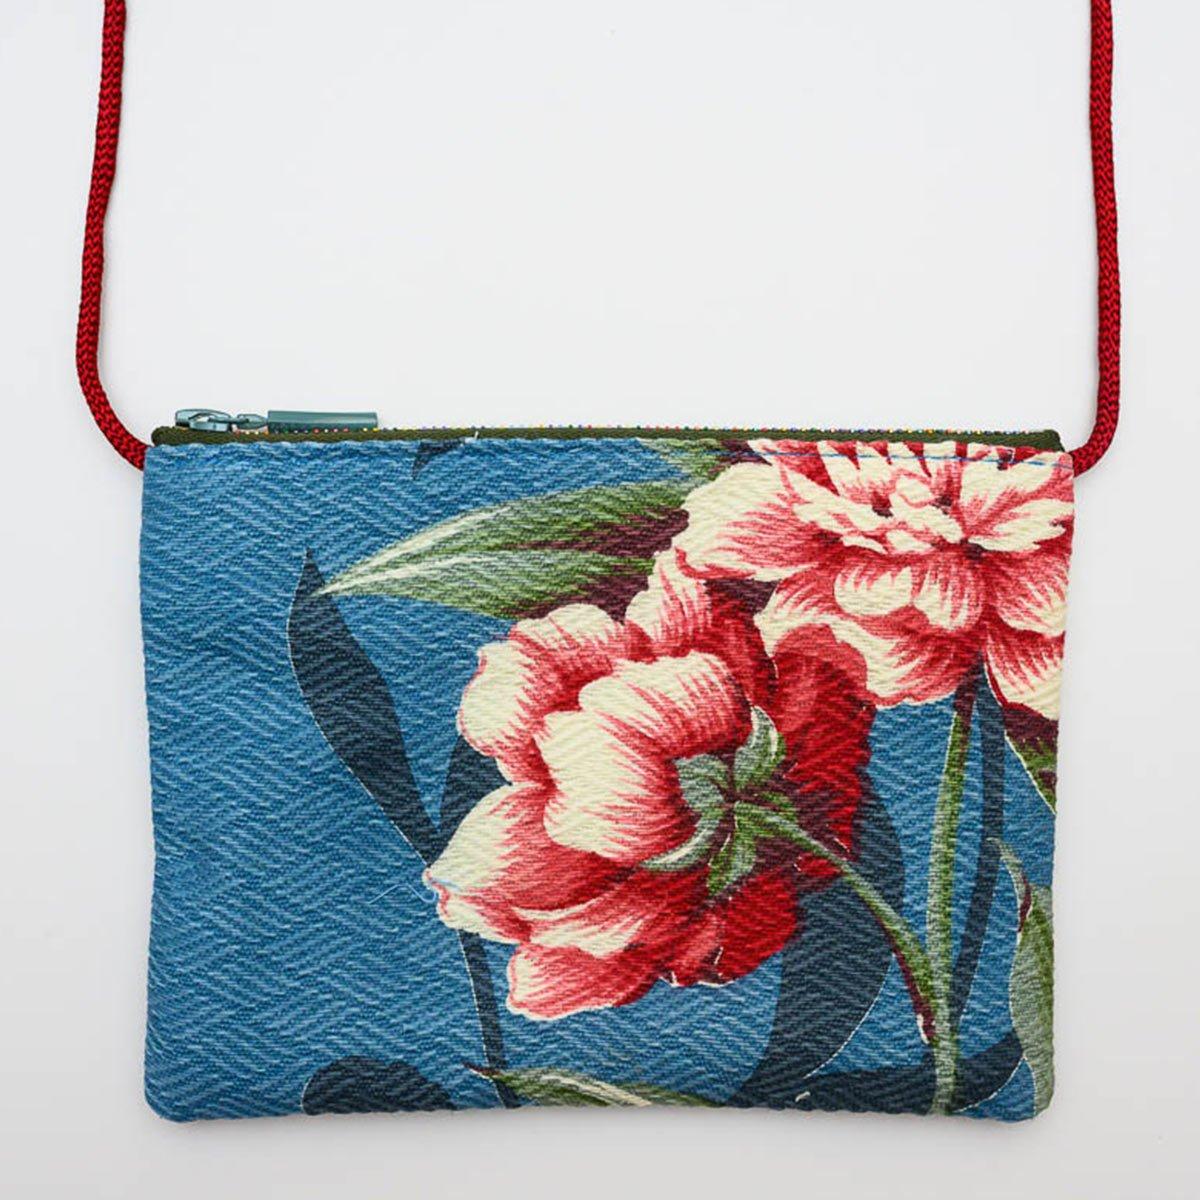 opera_bag_floral_motif_on_blue-MLP_6182